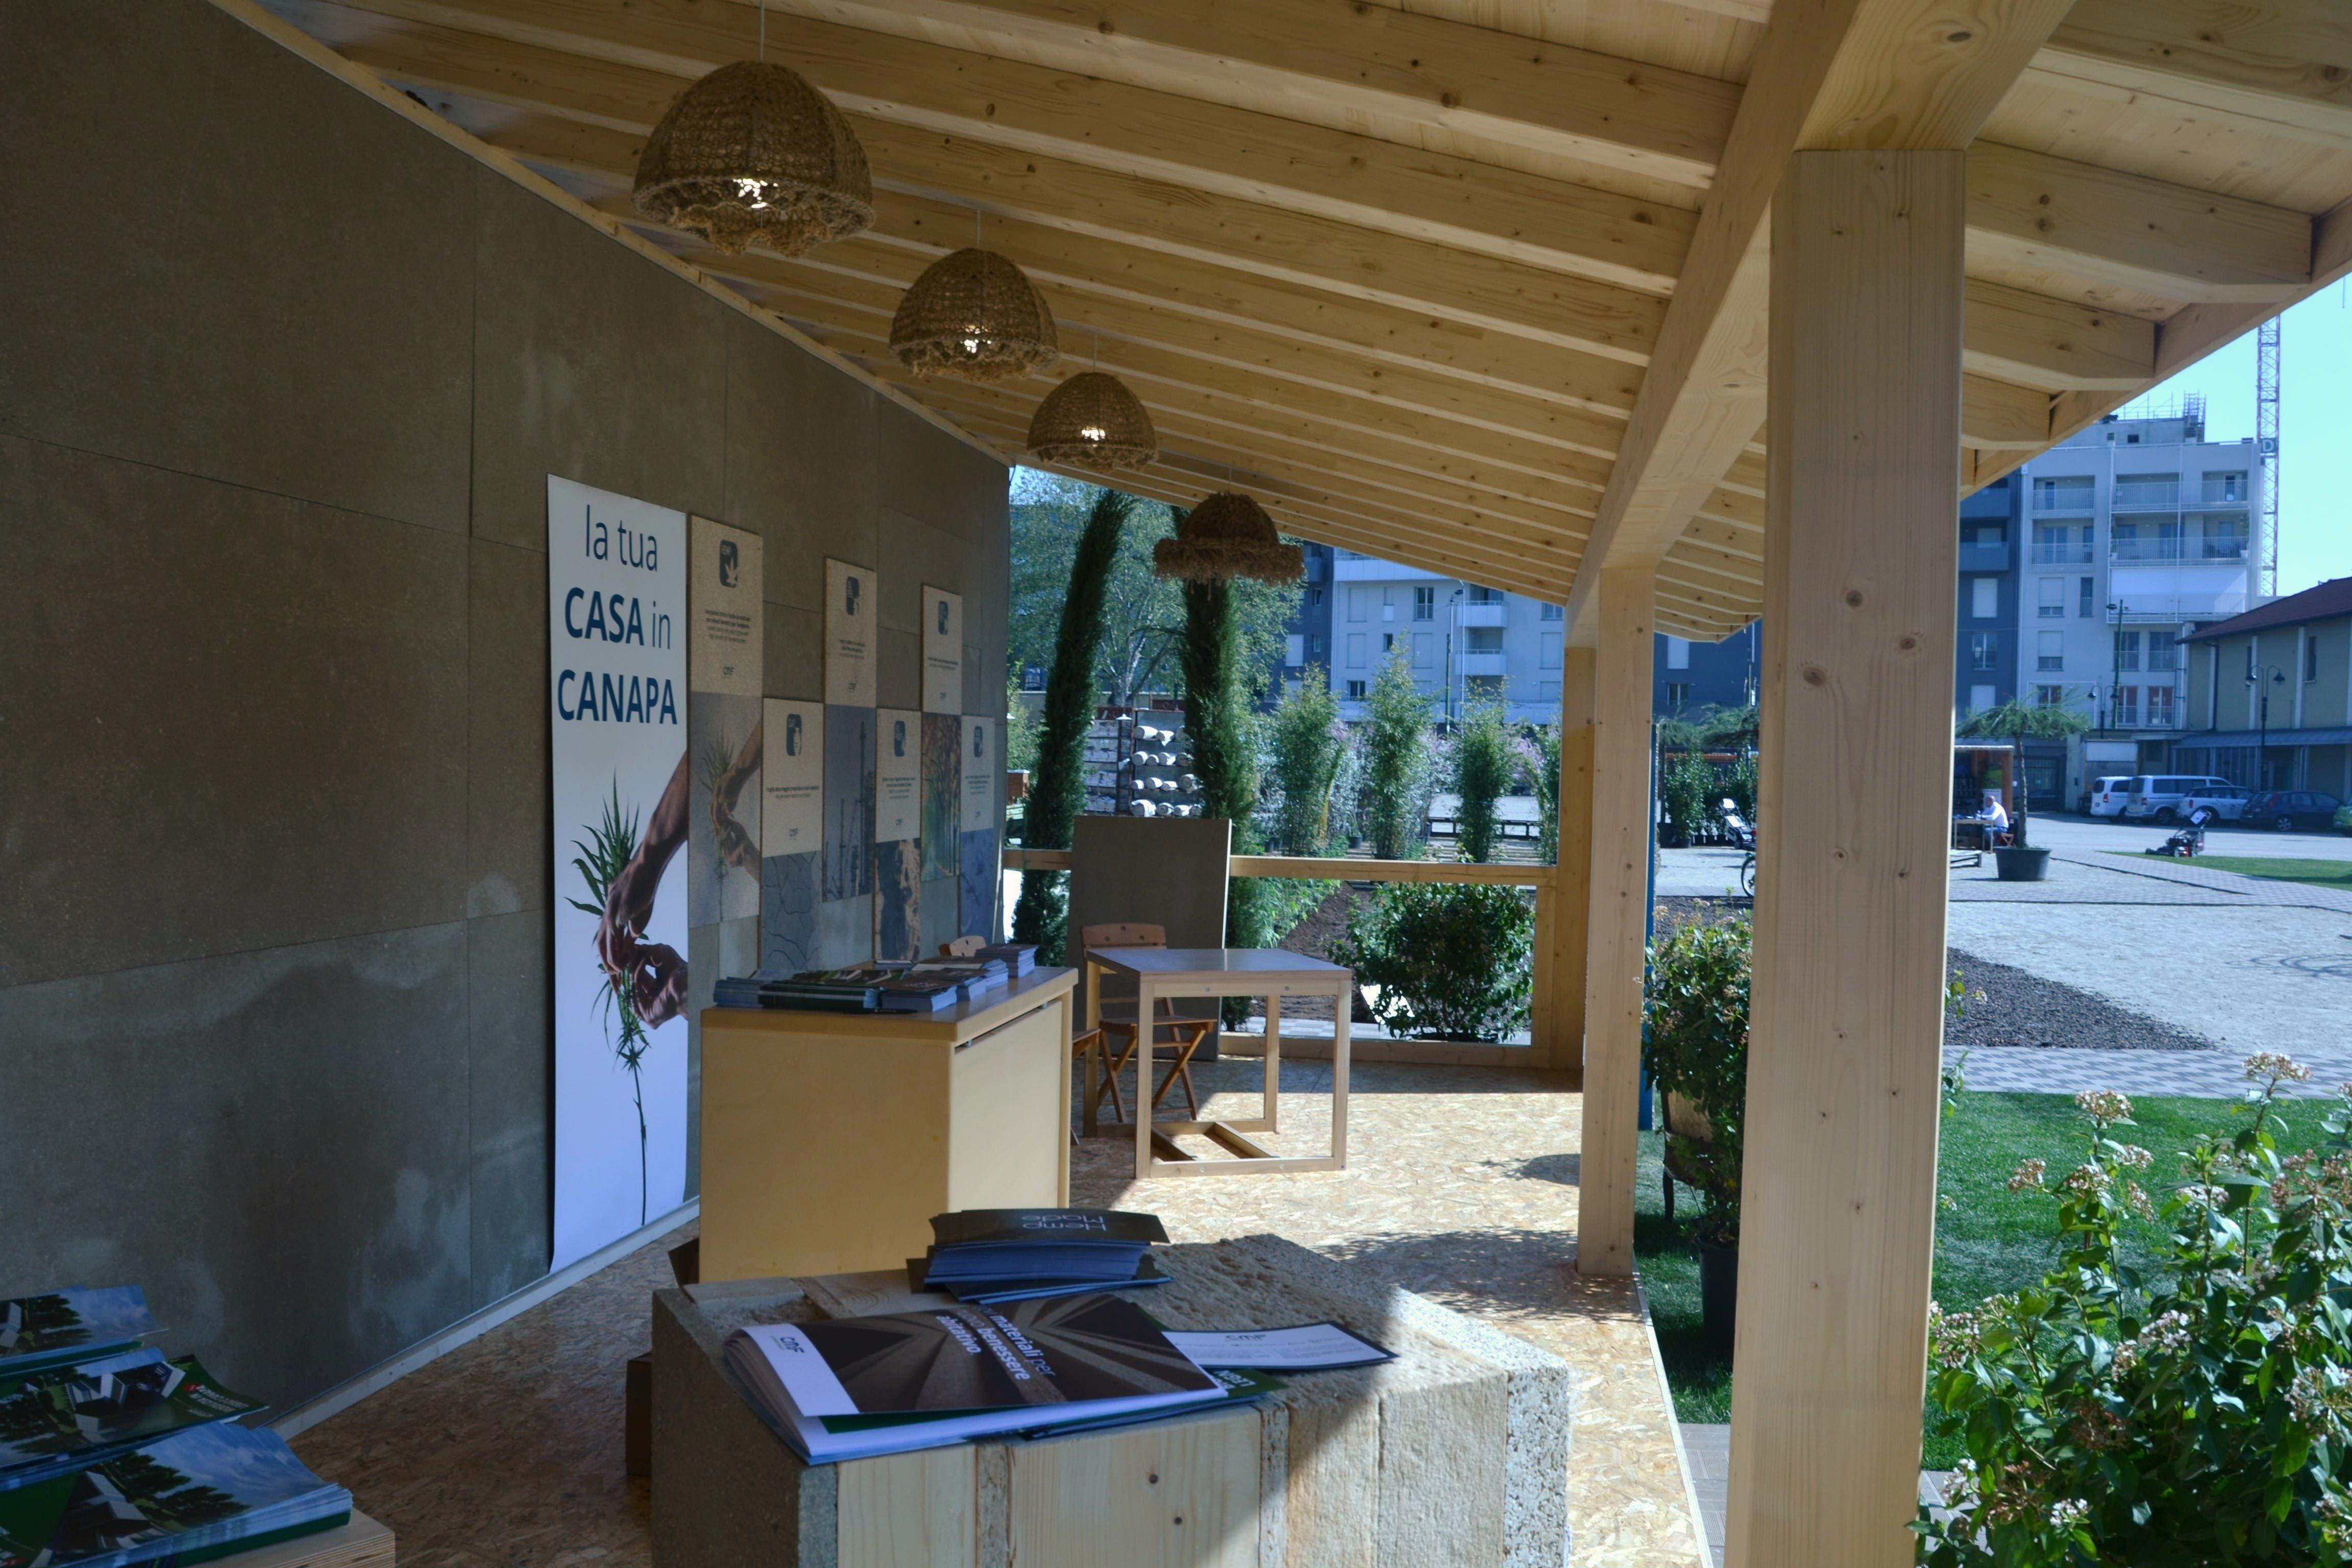 Dsc 0330 cose di casa for Design di architettura online gratuito per la casa